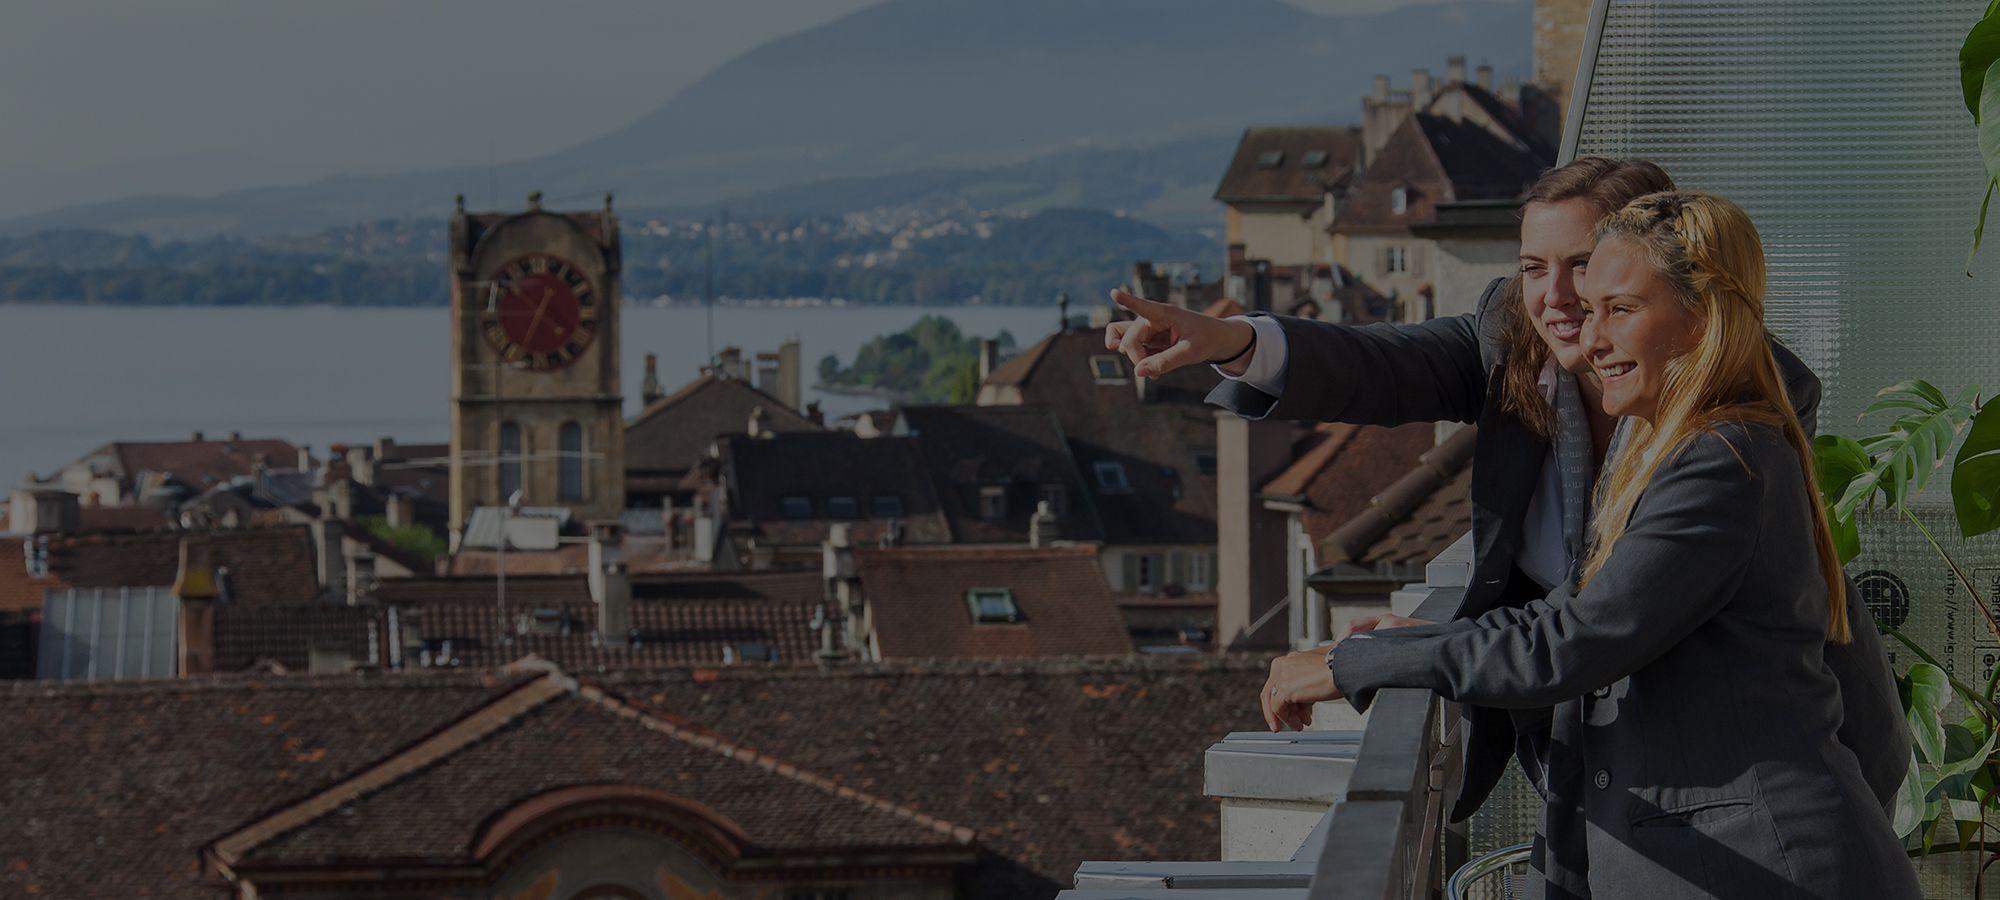 День зарубіжної освіти у Львові «Швейцарський диплом і практика в Європі» . Фото - 3